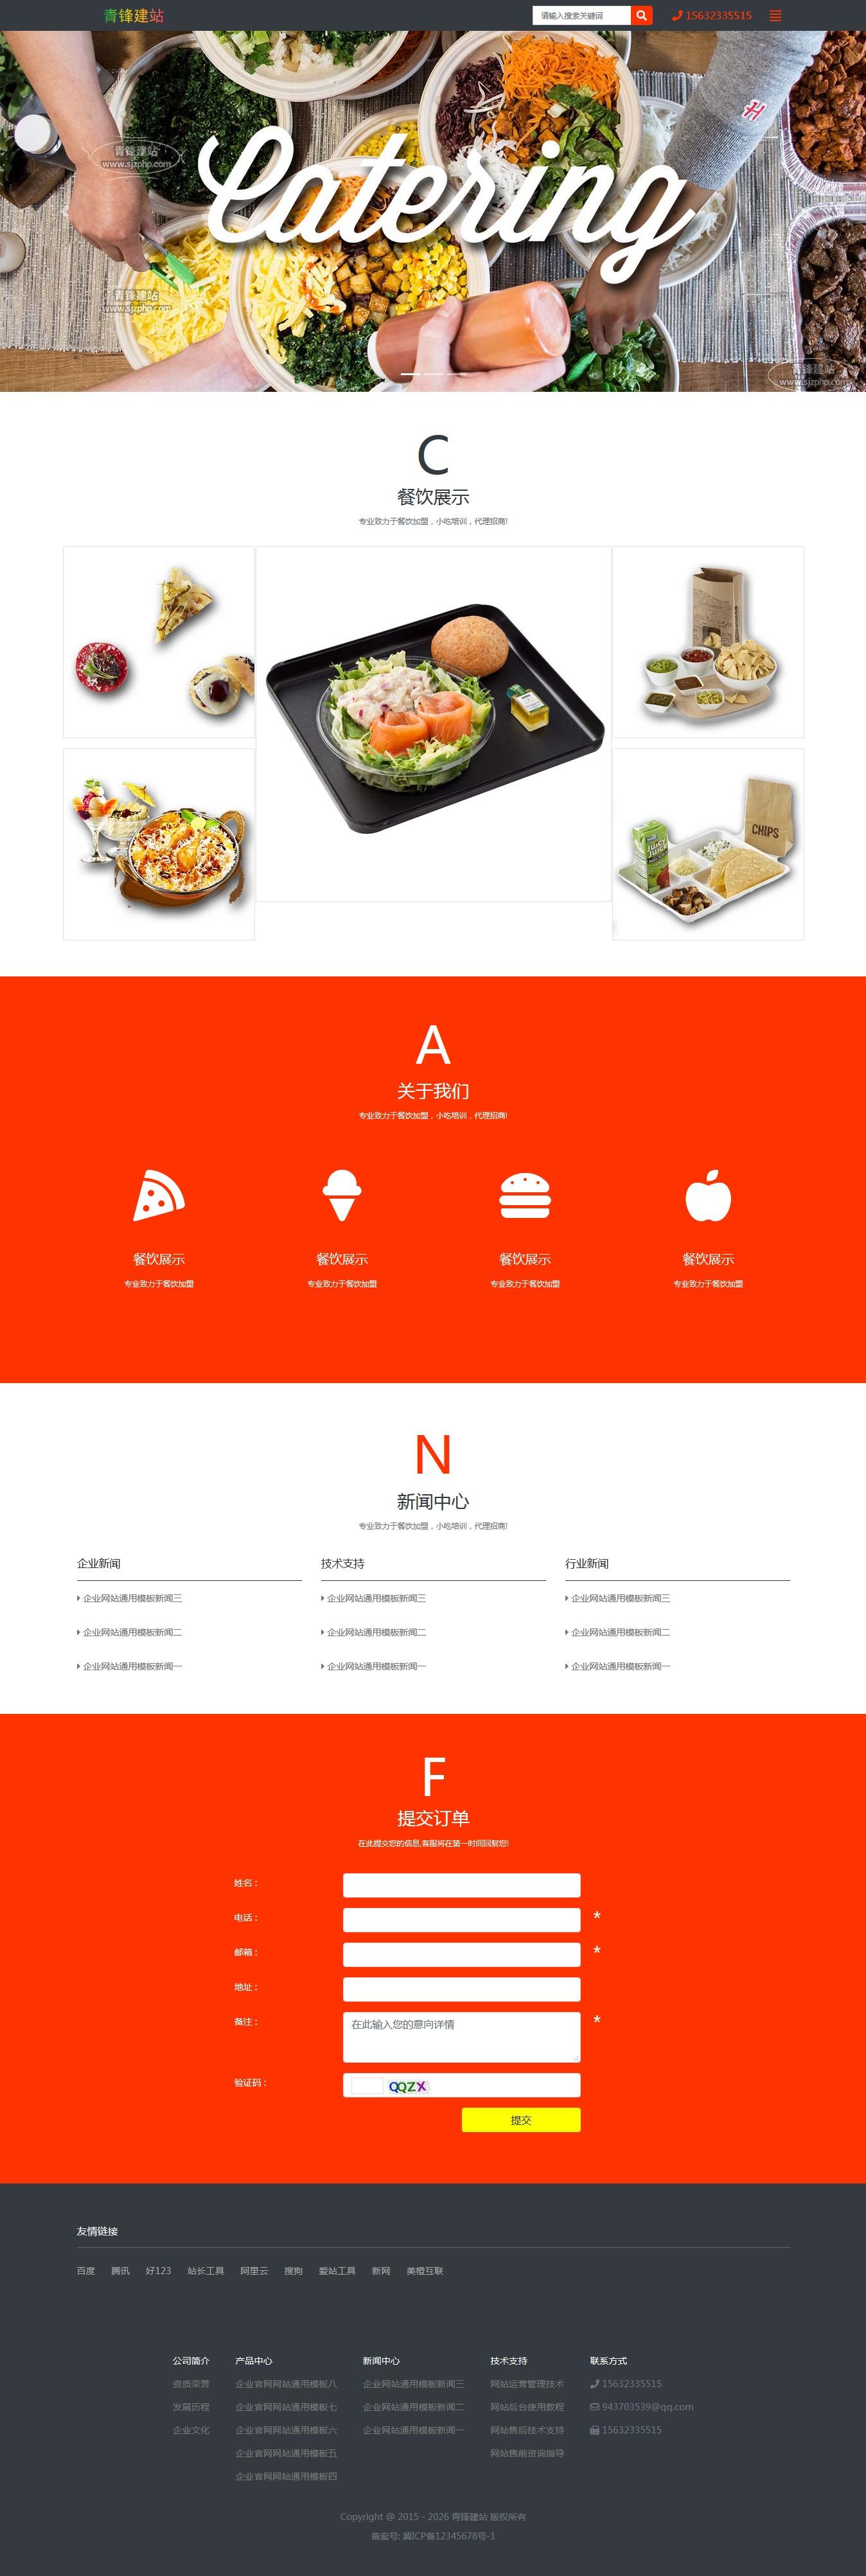 餐饮加盟食品蔬菜水果亚搏彩票手机官网亚搏彩票手机官网首页